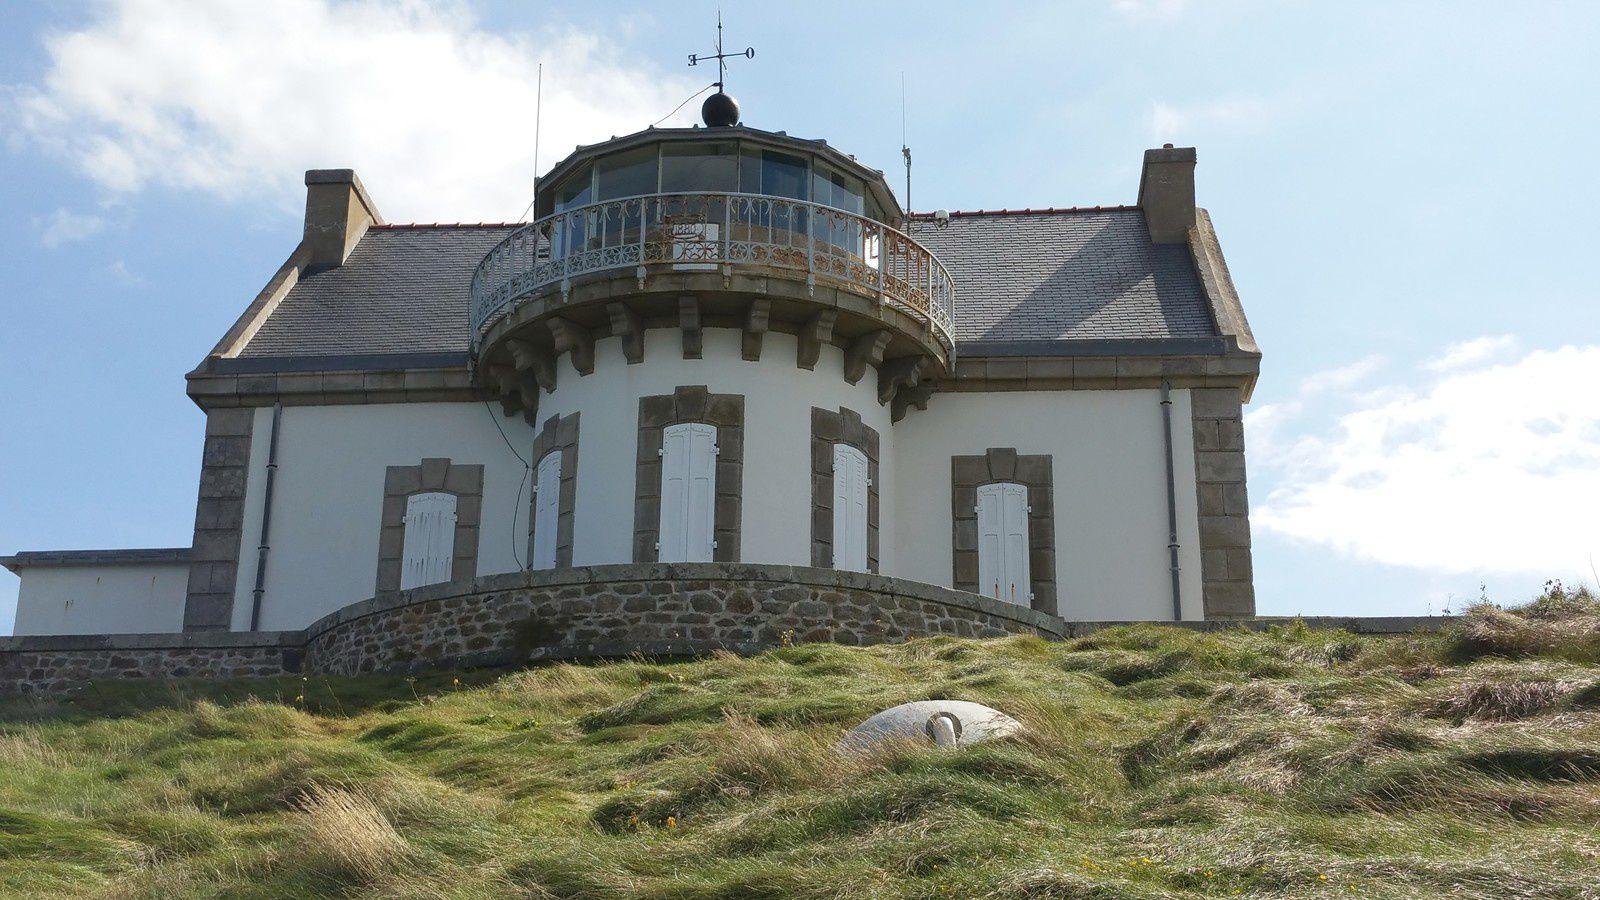 070 -  En longeant la côte nord du Cap Sizun vers le pays de Douarnenez, Porzh Lanvers, Porzh Piron, phare du Millier, Roches Blanches, Finistère, France, photos GeoMar